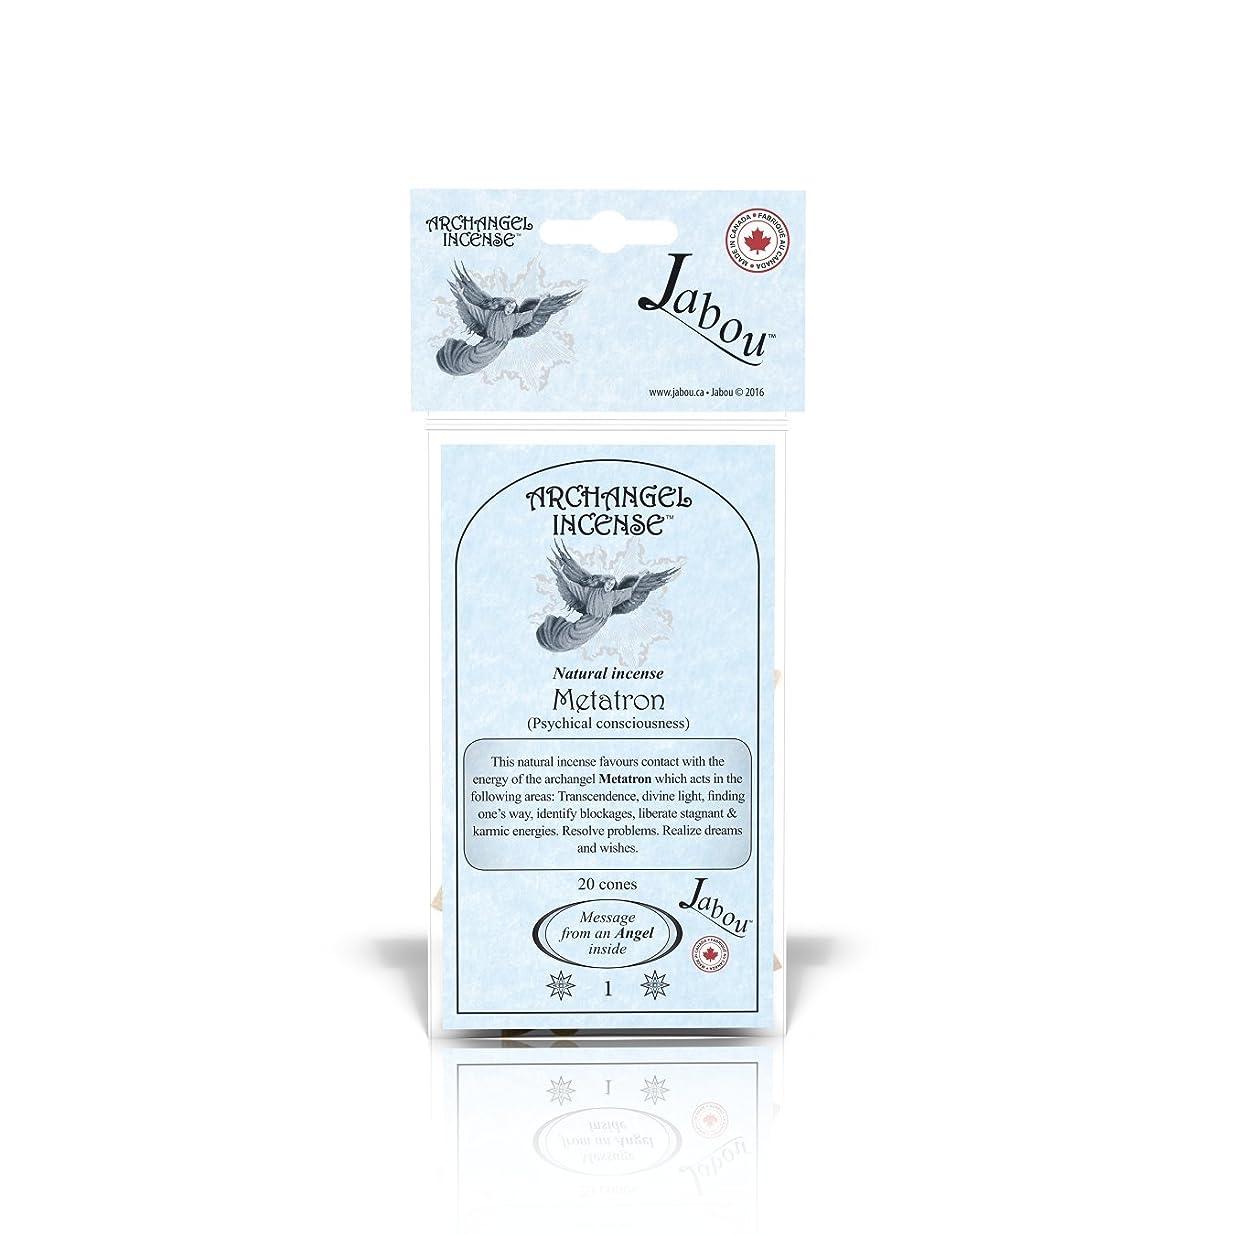 に勝る日手当Jabou 大天使 100%天然お香 コーン - 12個の香り - 瞑想 ヨガ リラクゼーション マジック ヒーリング 祈り 儀式 - 20個のコーン - 各30分以上持続